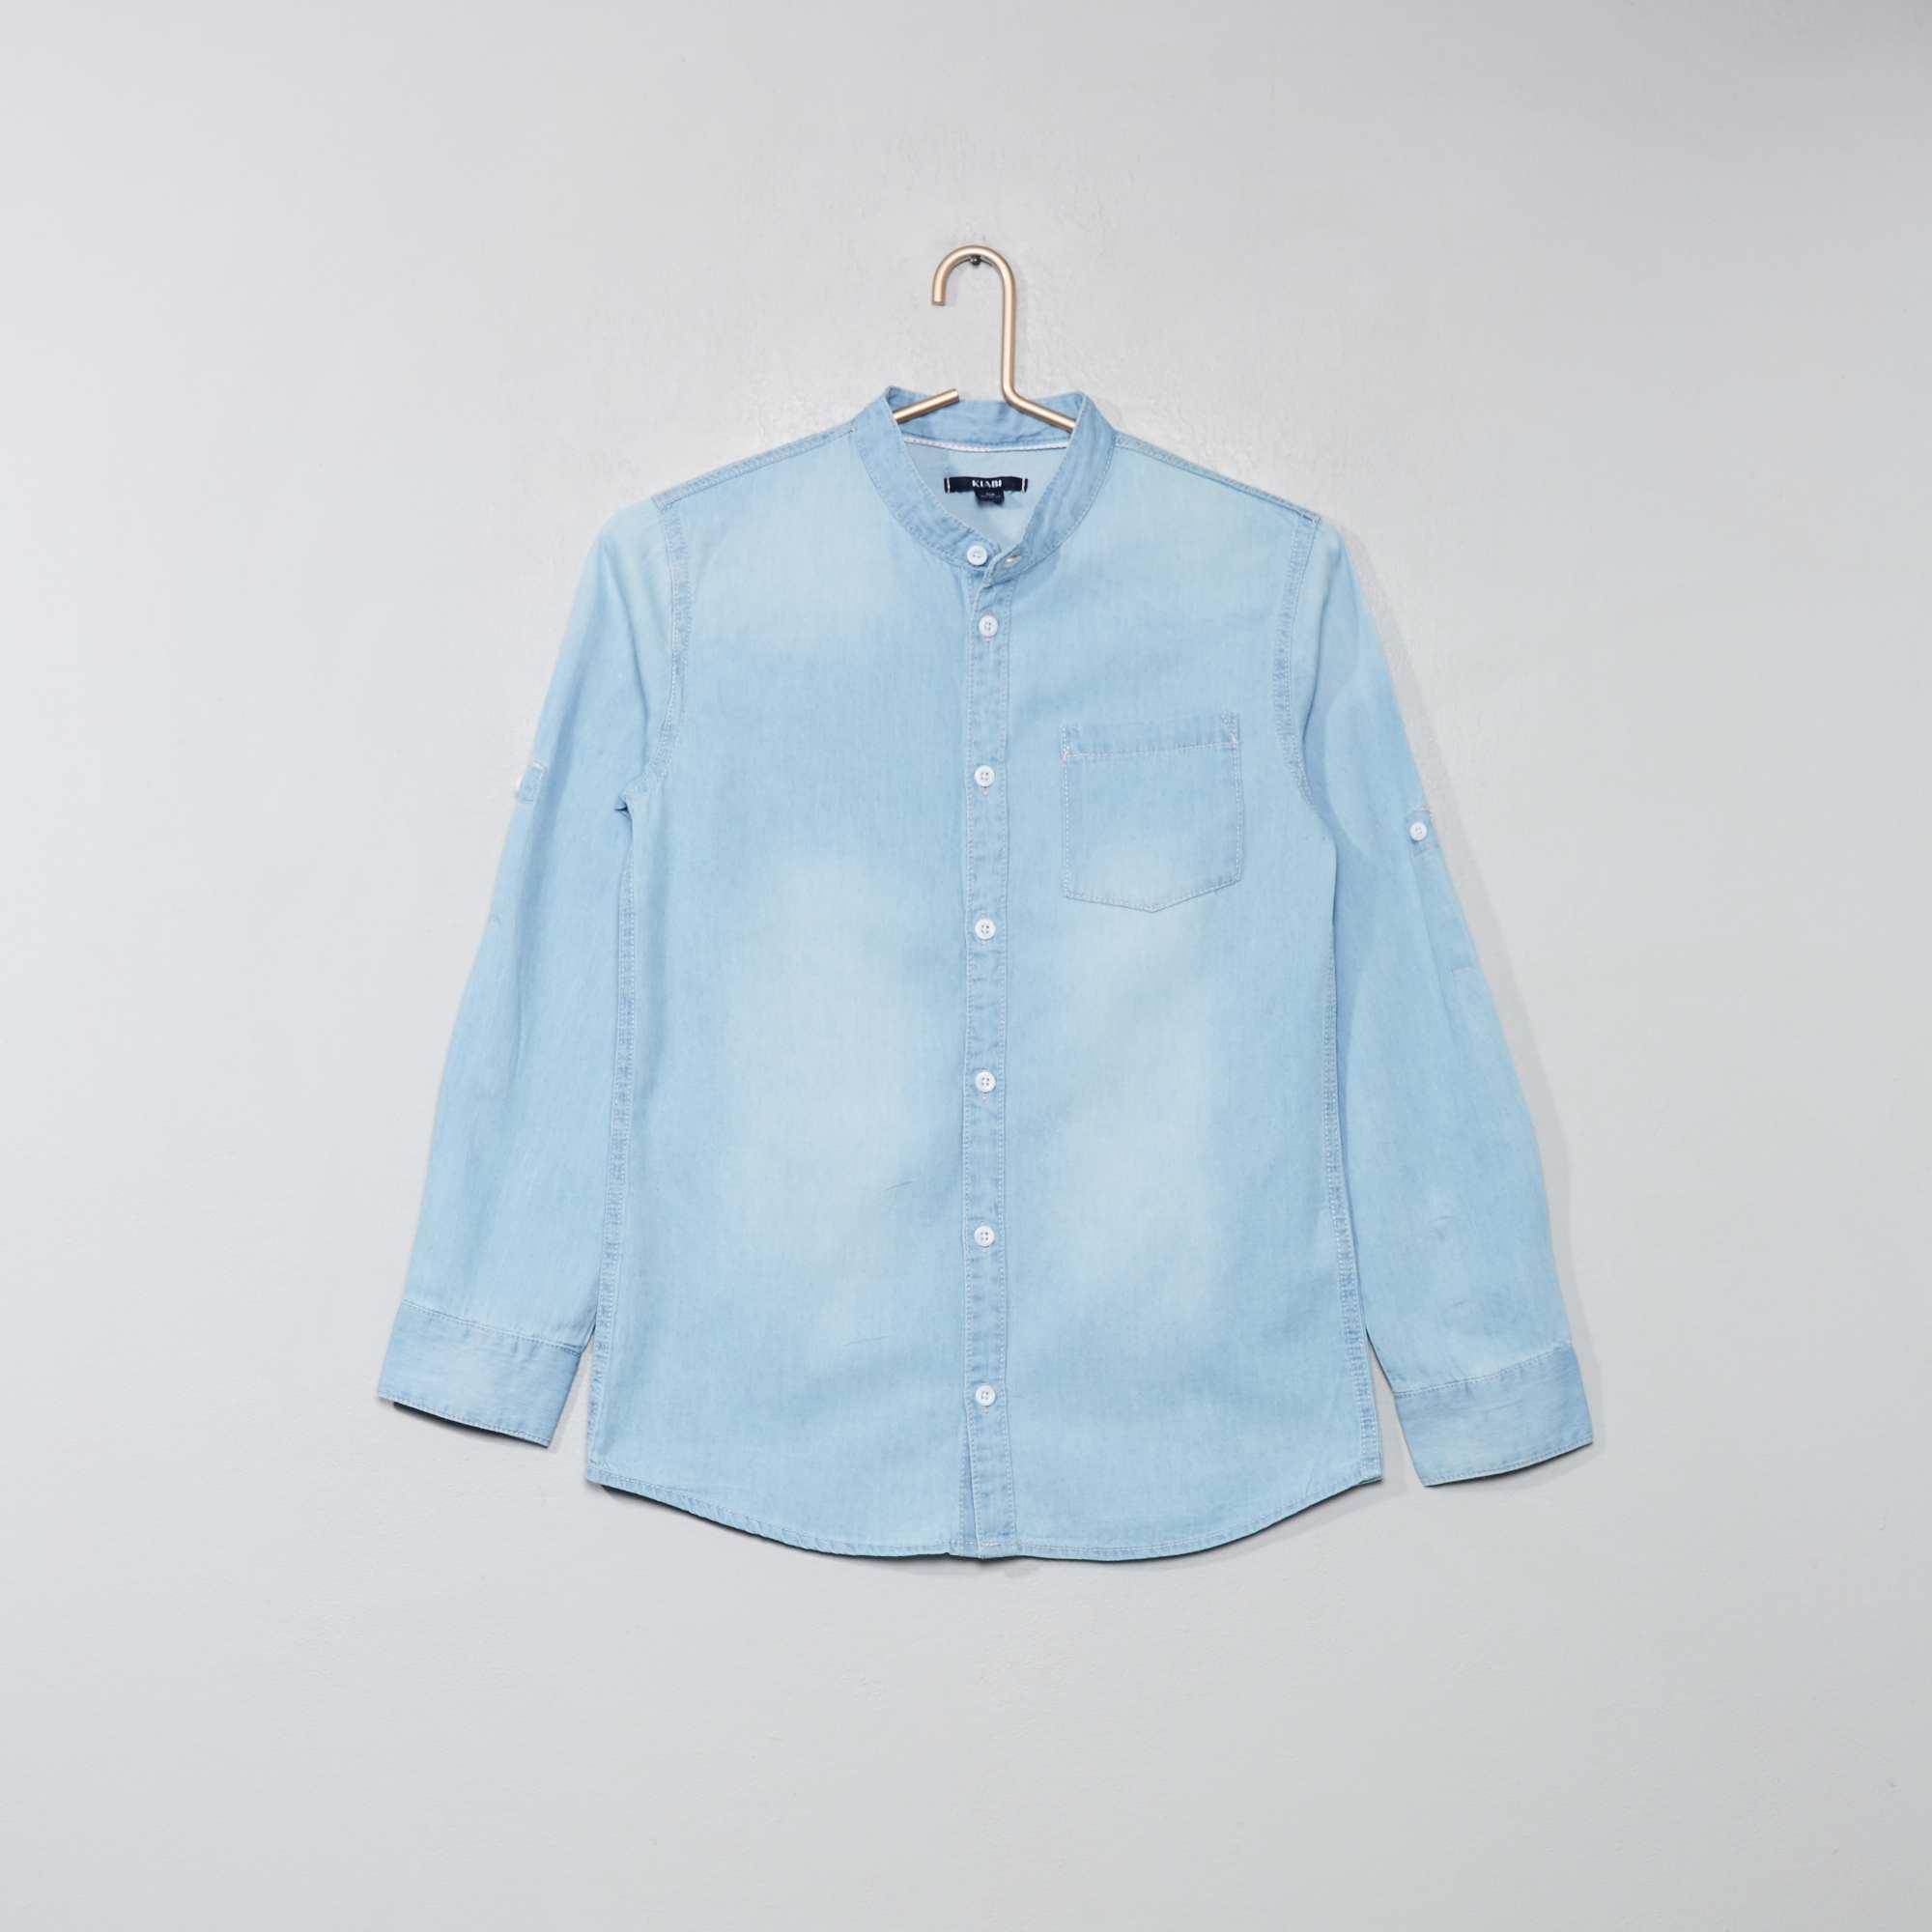 Overhemd Blauw.Denim Overhemd Kinderkleding Jongen Blauw Kiabi 10 50